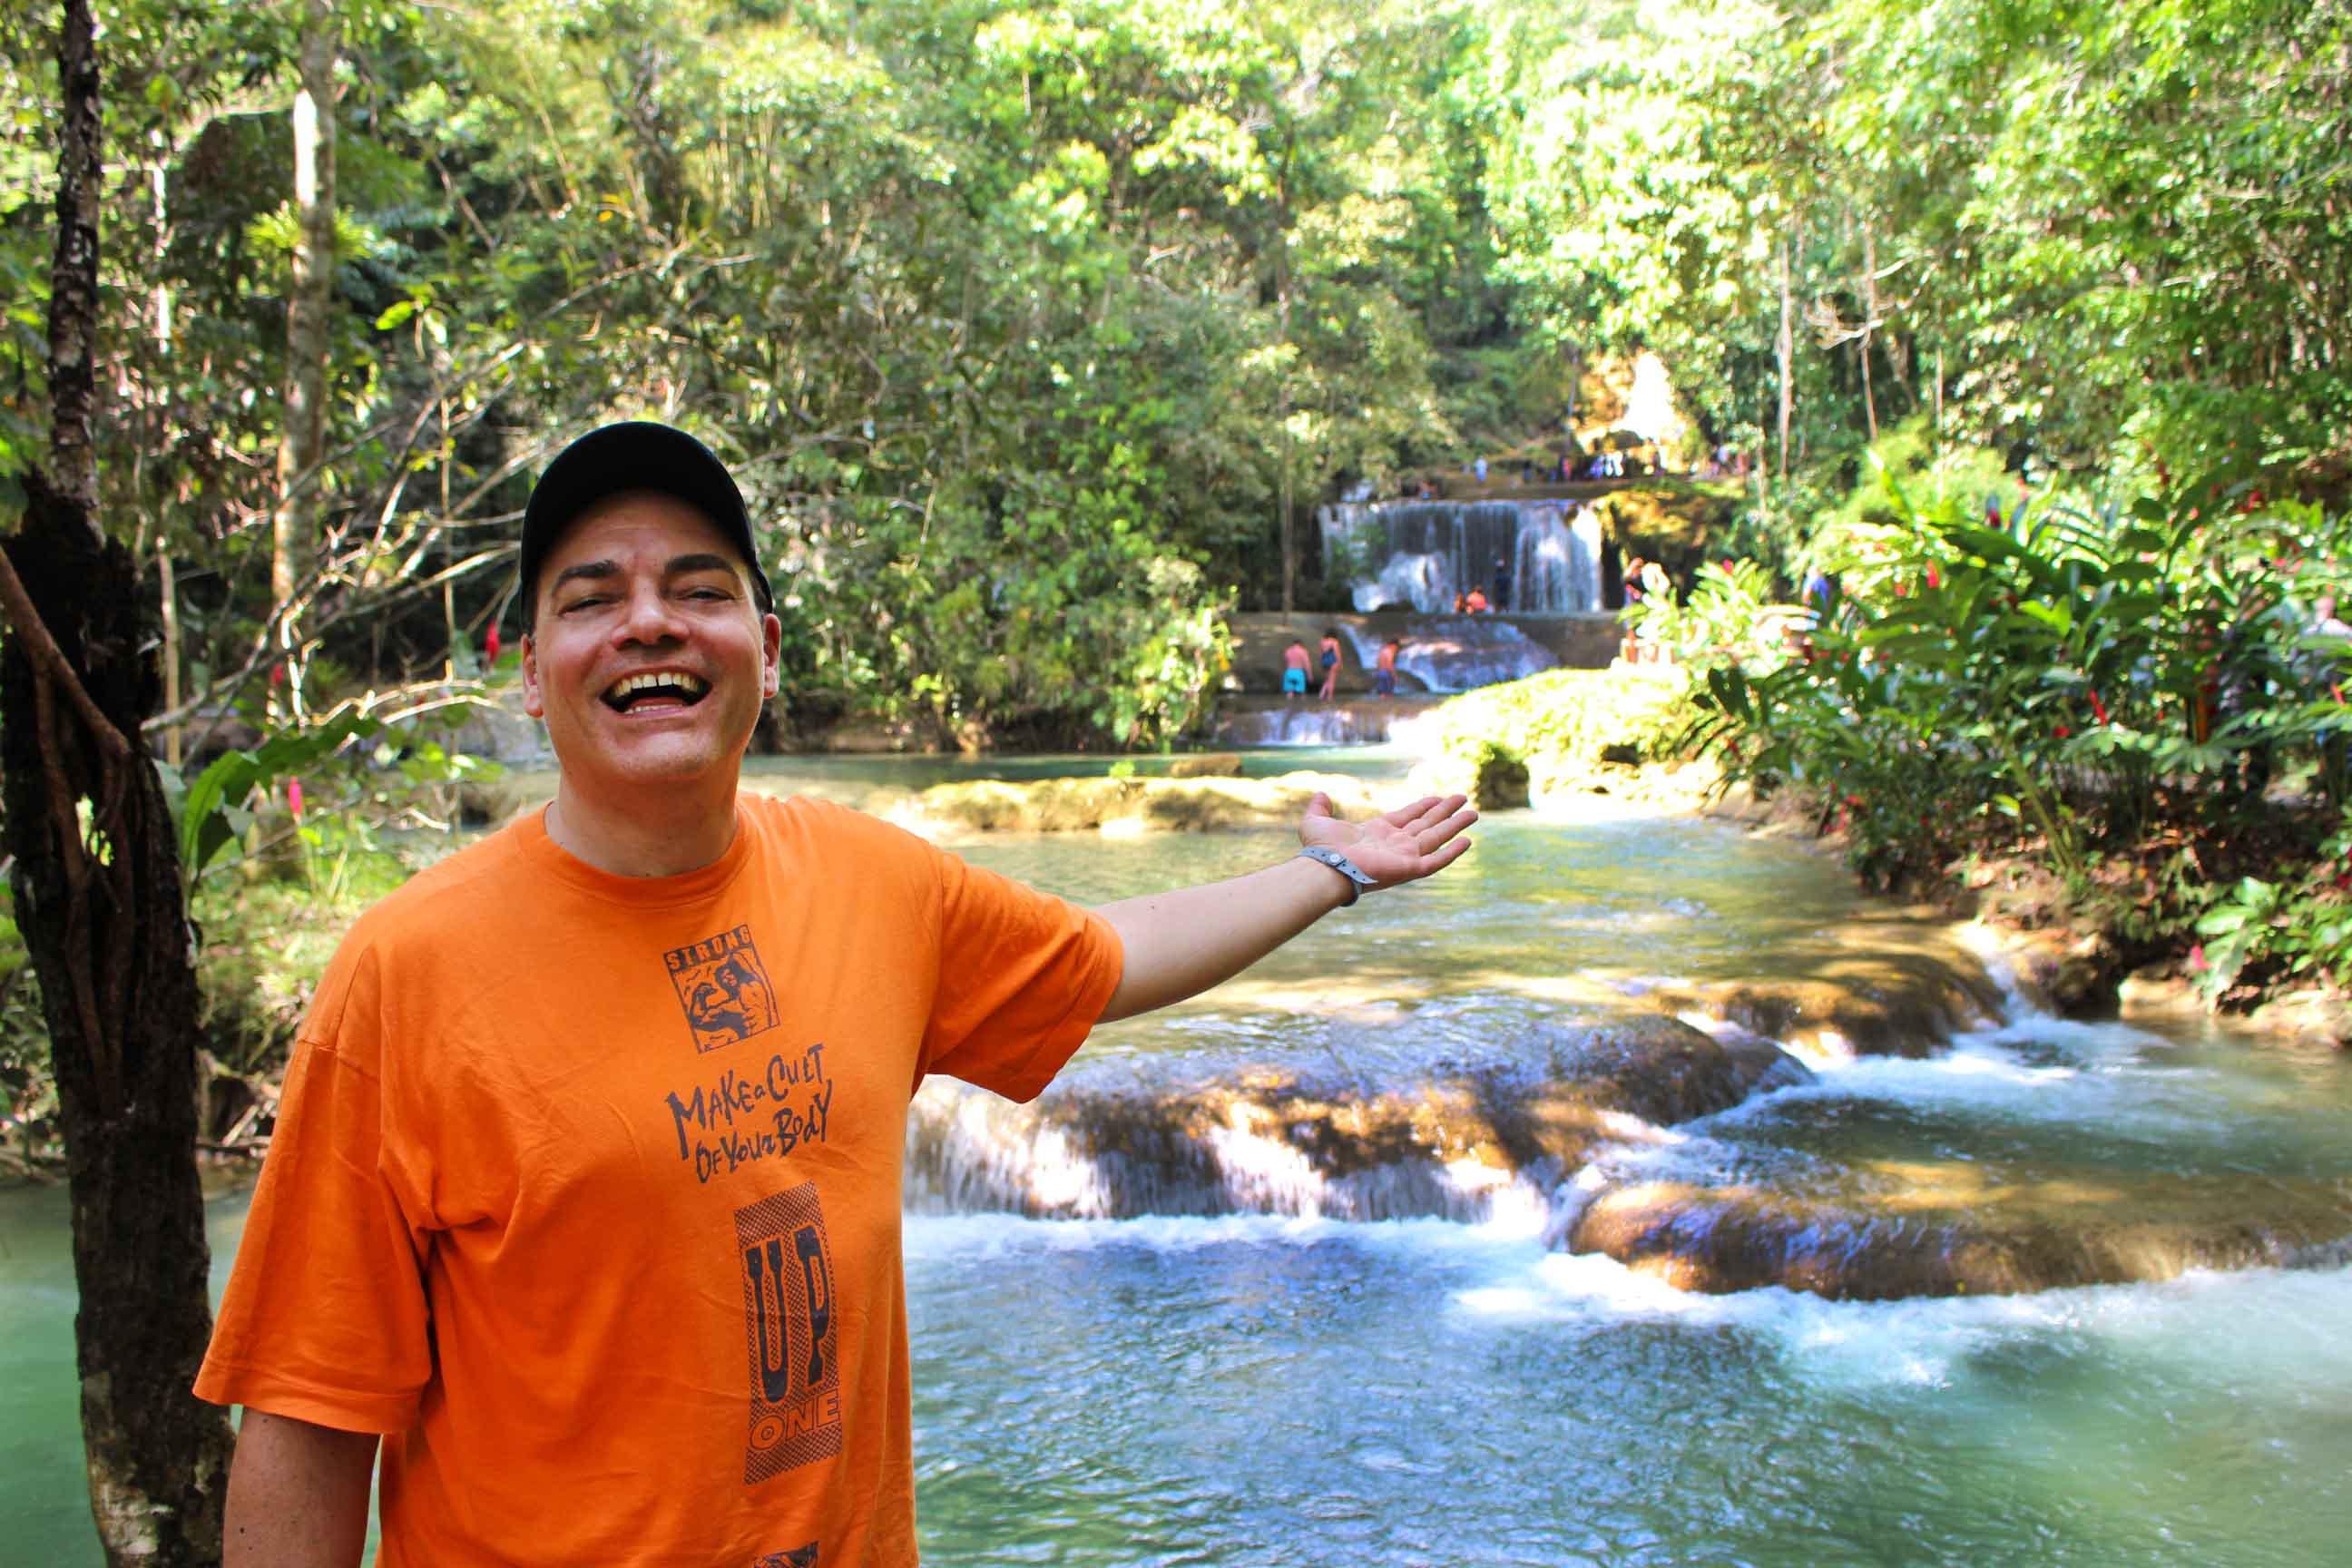 Le cascate Y.S. Falls, immerse in una vegetazione lussureggiante con fiori dai colori intensi, nella costa giamaicana del Sud